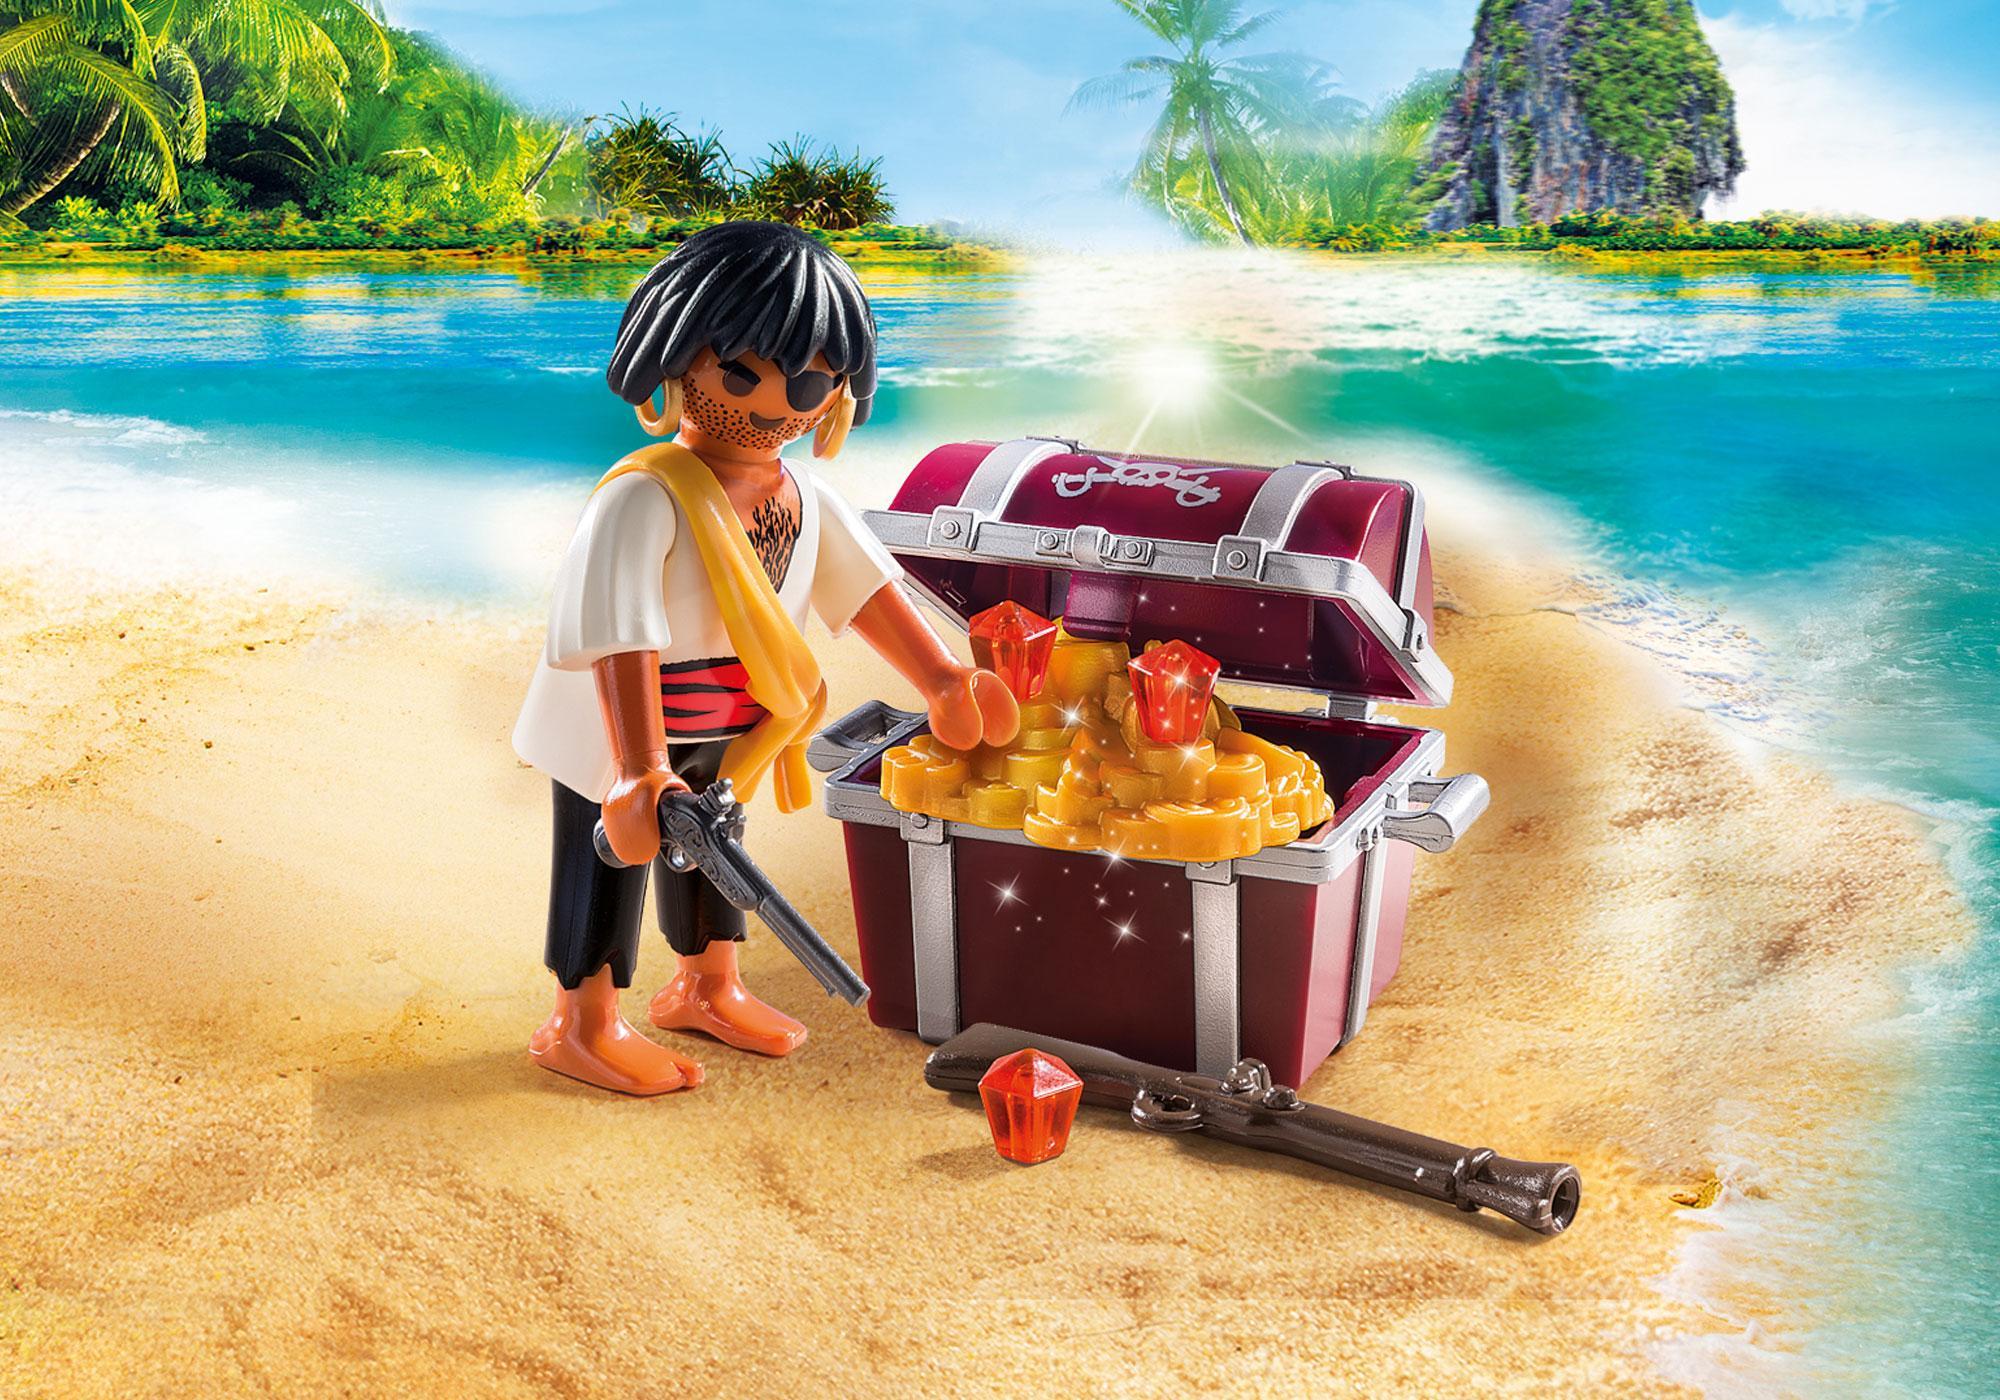 http://media.playmobil.com/i/playmobil/9358_product_detail/Pirata com Cofre do Tesouro